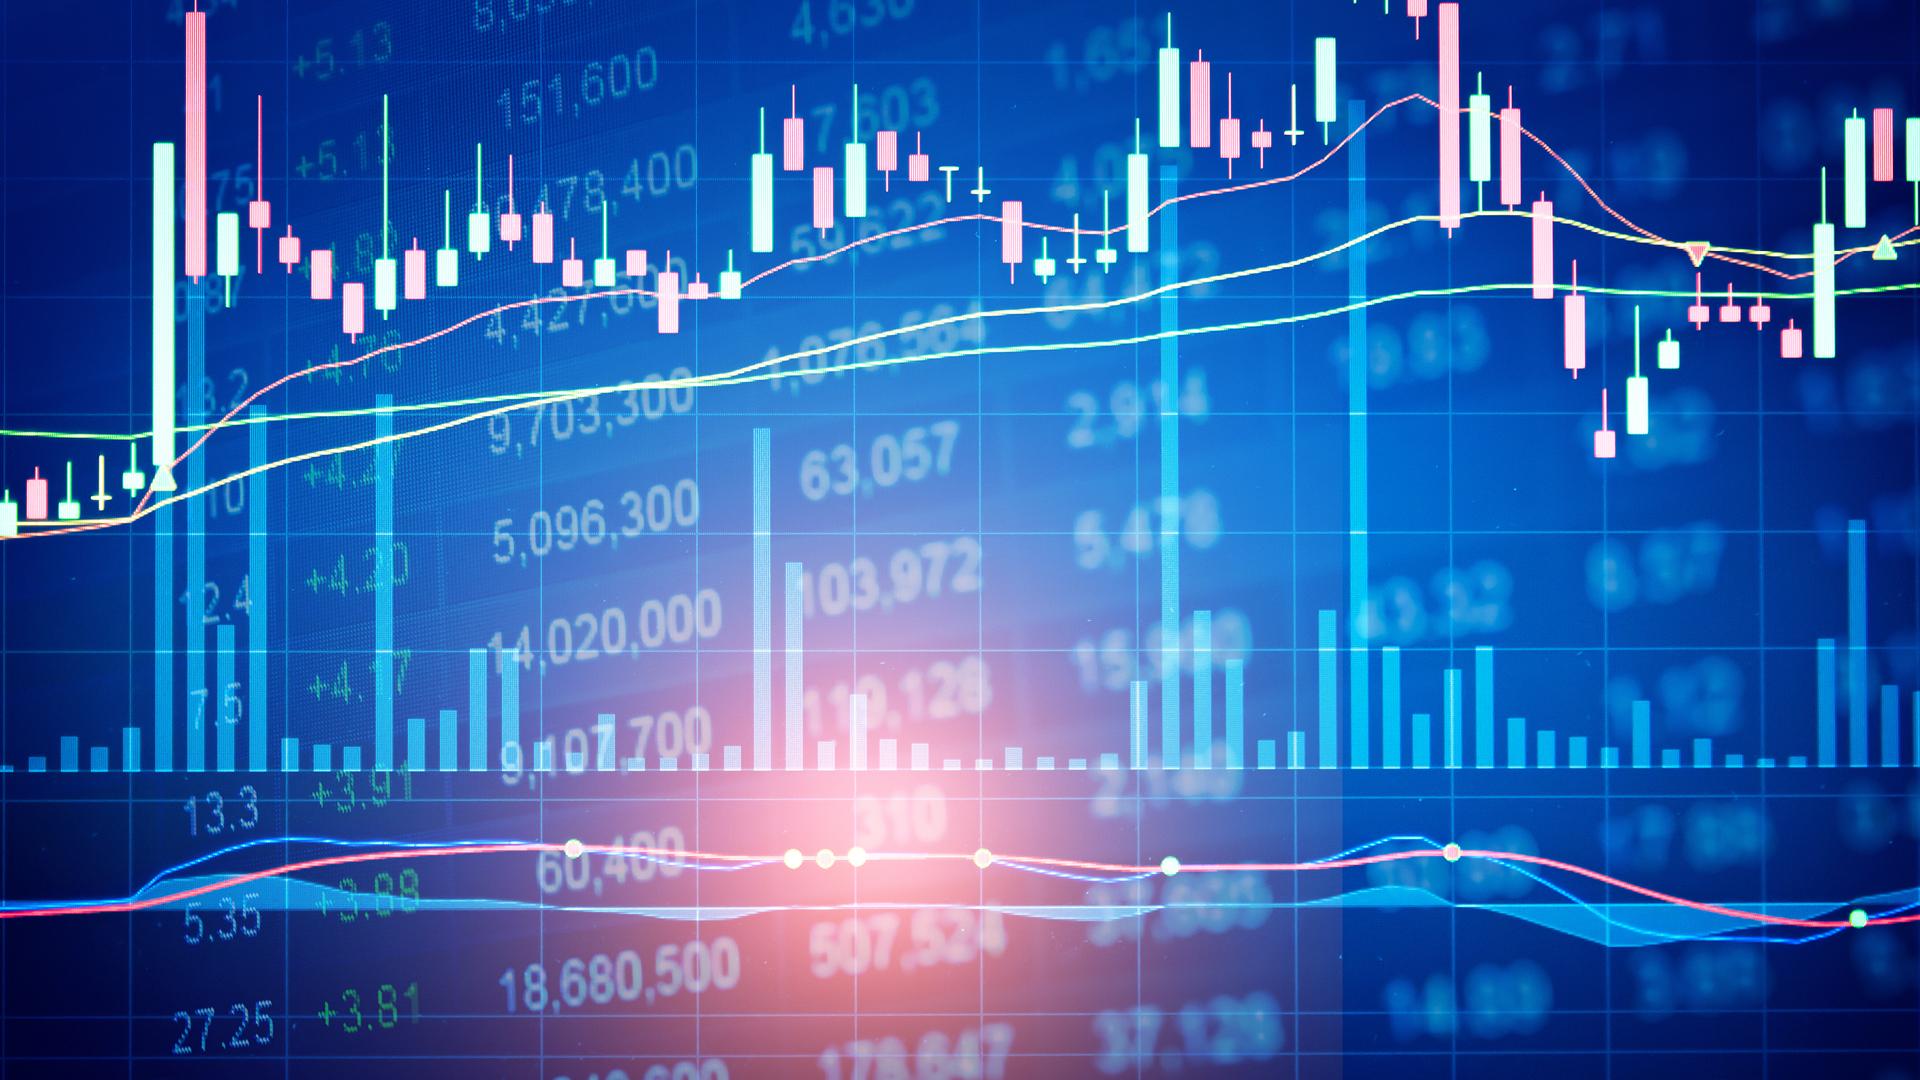 Financial charts graph